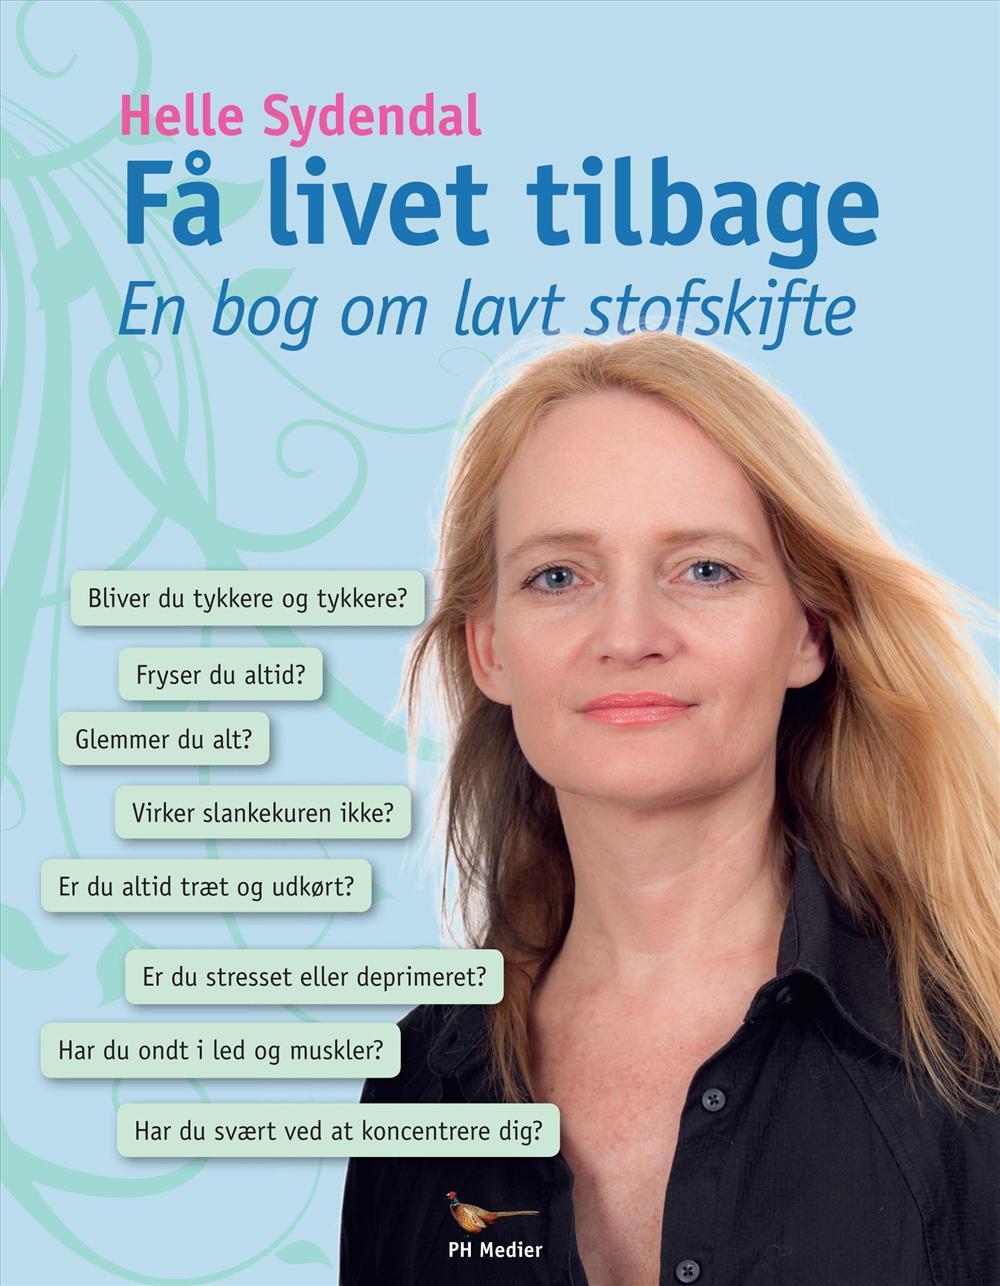 Få livet tilbage - Helle Sydendal - Bøger - PH Medier - 9788799483532 - 18/5-2020